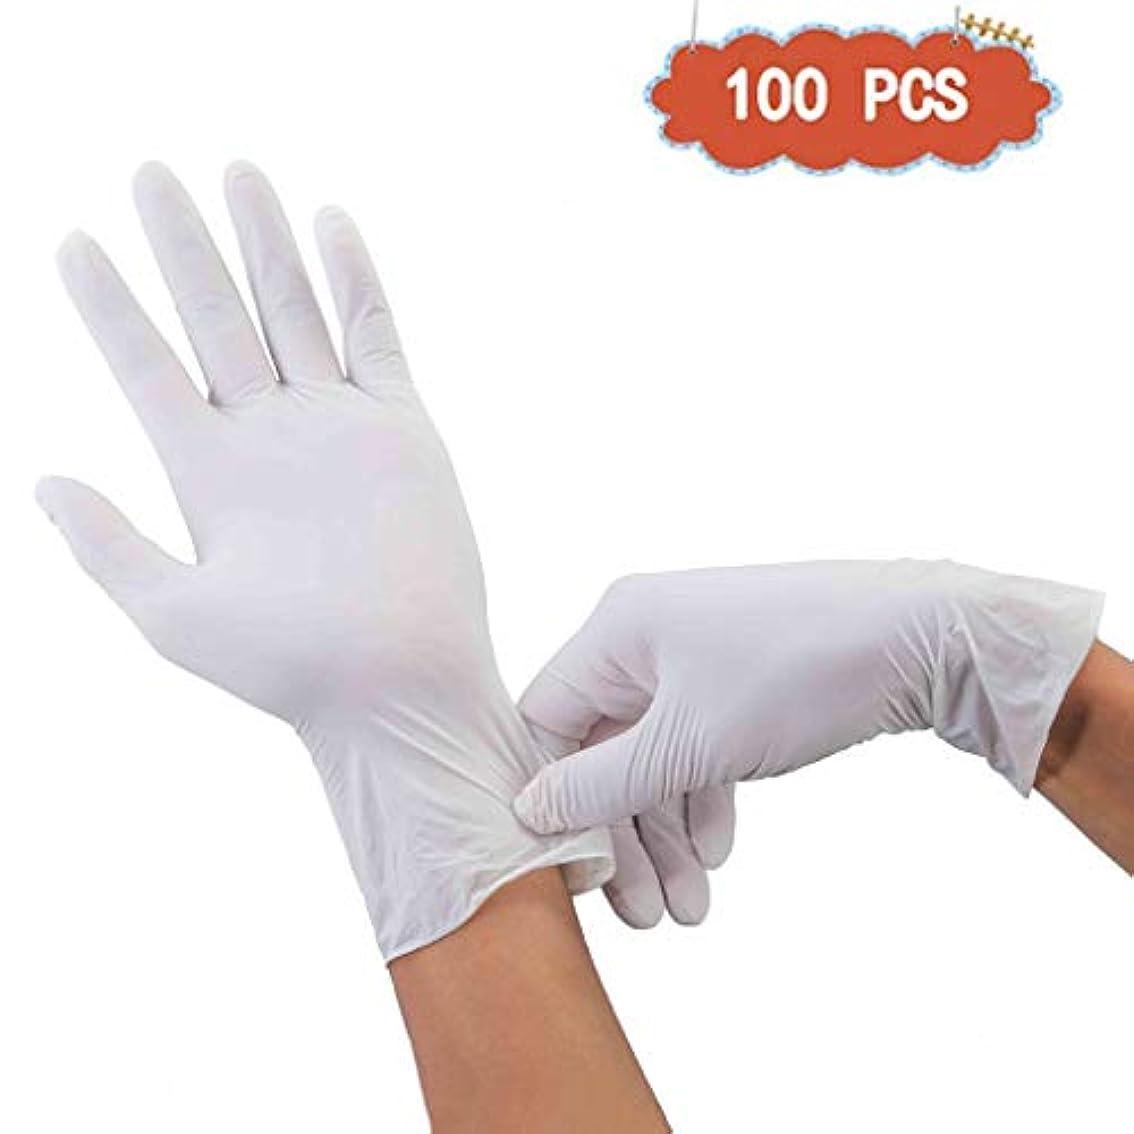 マッシュ住人議題ニトリル手袋、白い手袋食品衛生処理医療産業使い捨て手袋ペットケアネイルアート検査保護実験、美容サロンラテックスフリー、、 100個 (Size : S)